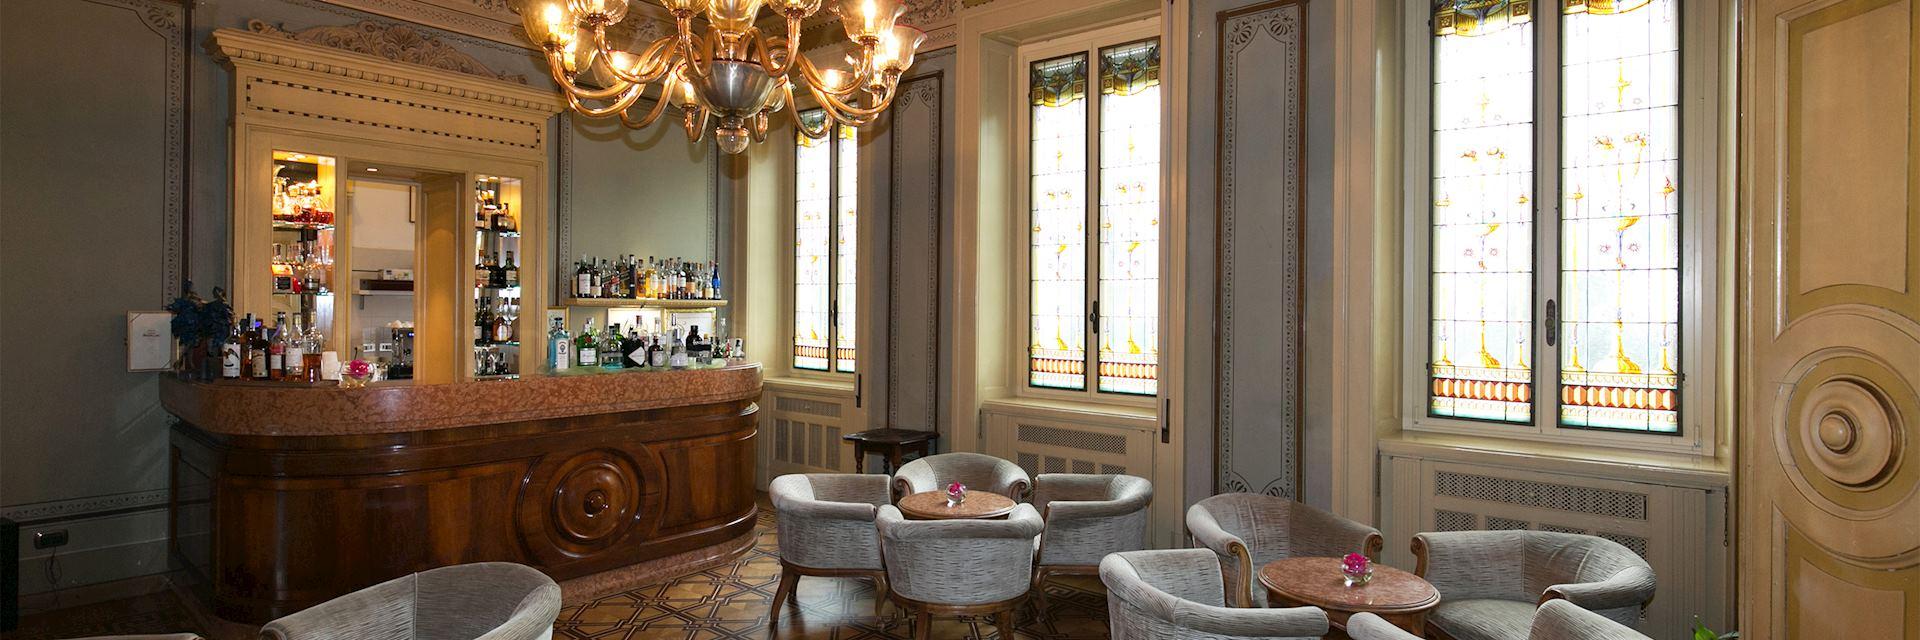 Villa Cortine Palace Hotel